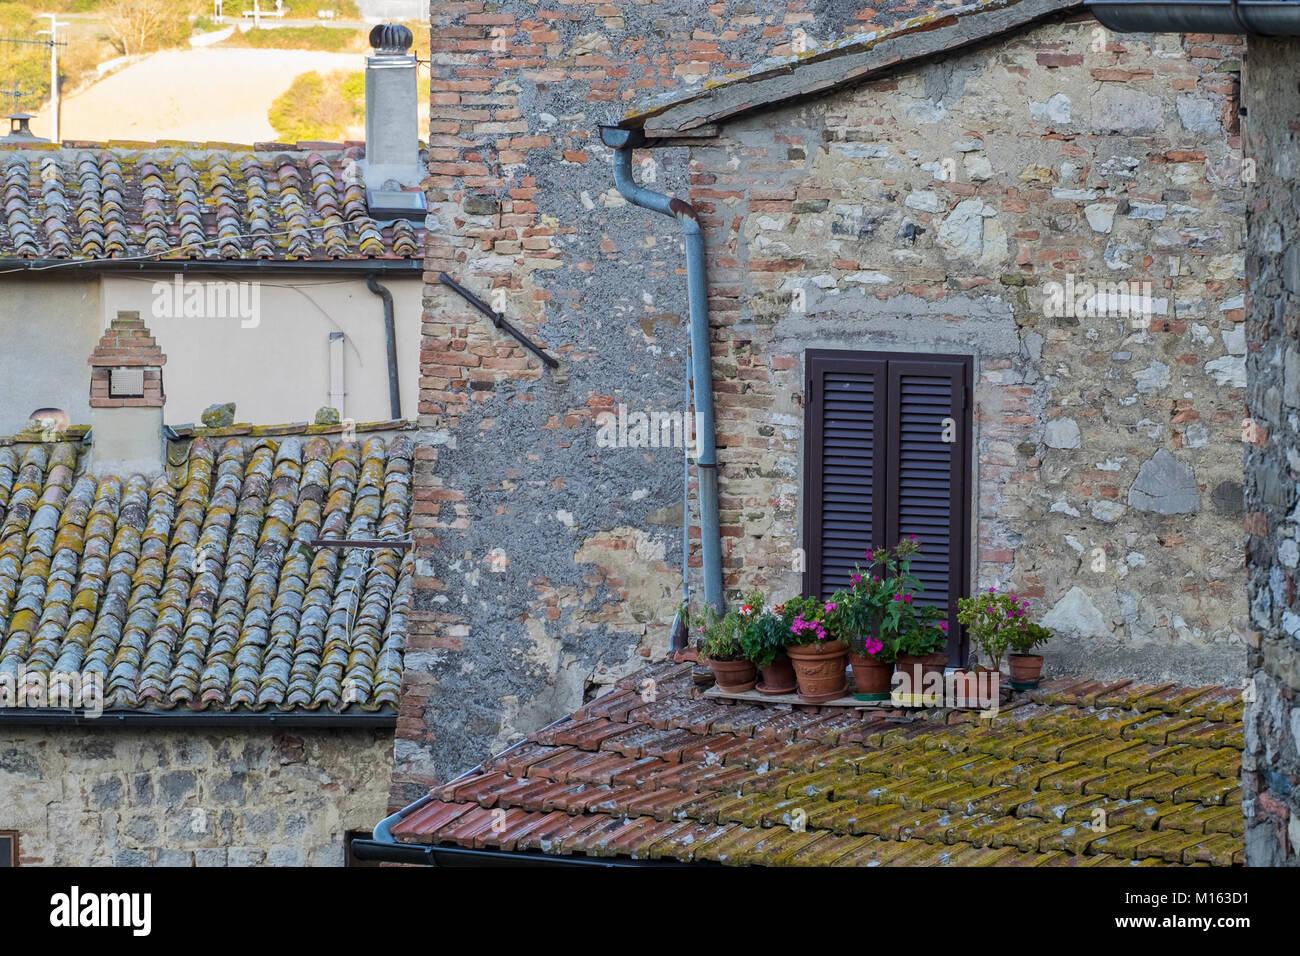 A view of the village of San Casciano dei Bagni, Italy. San Casciano ...